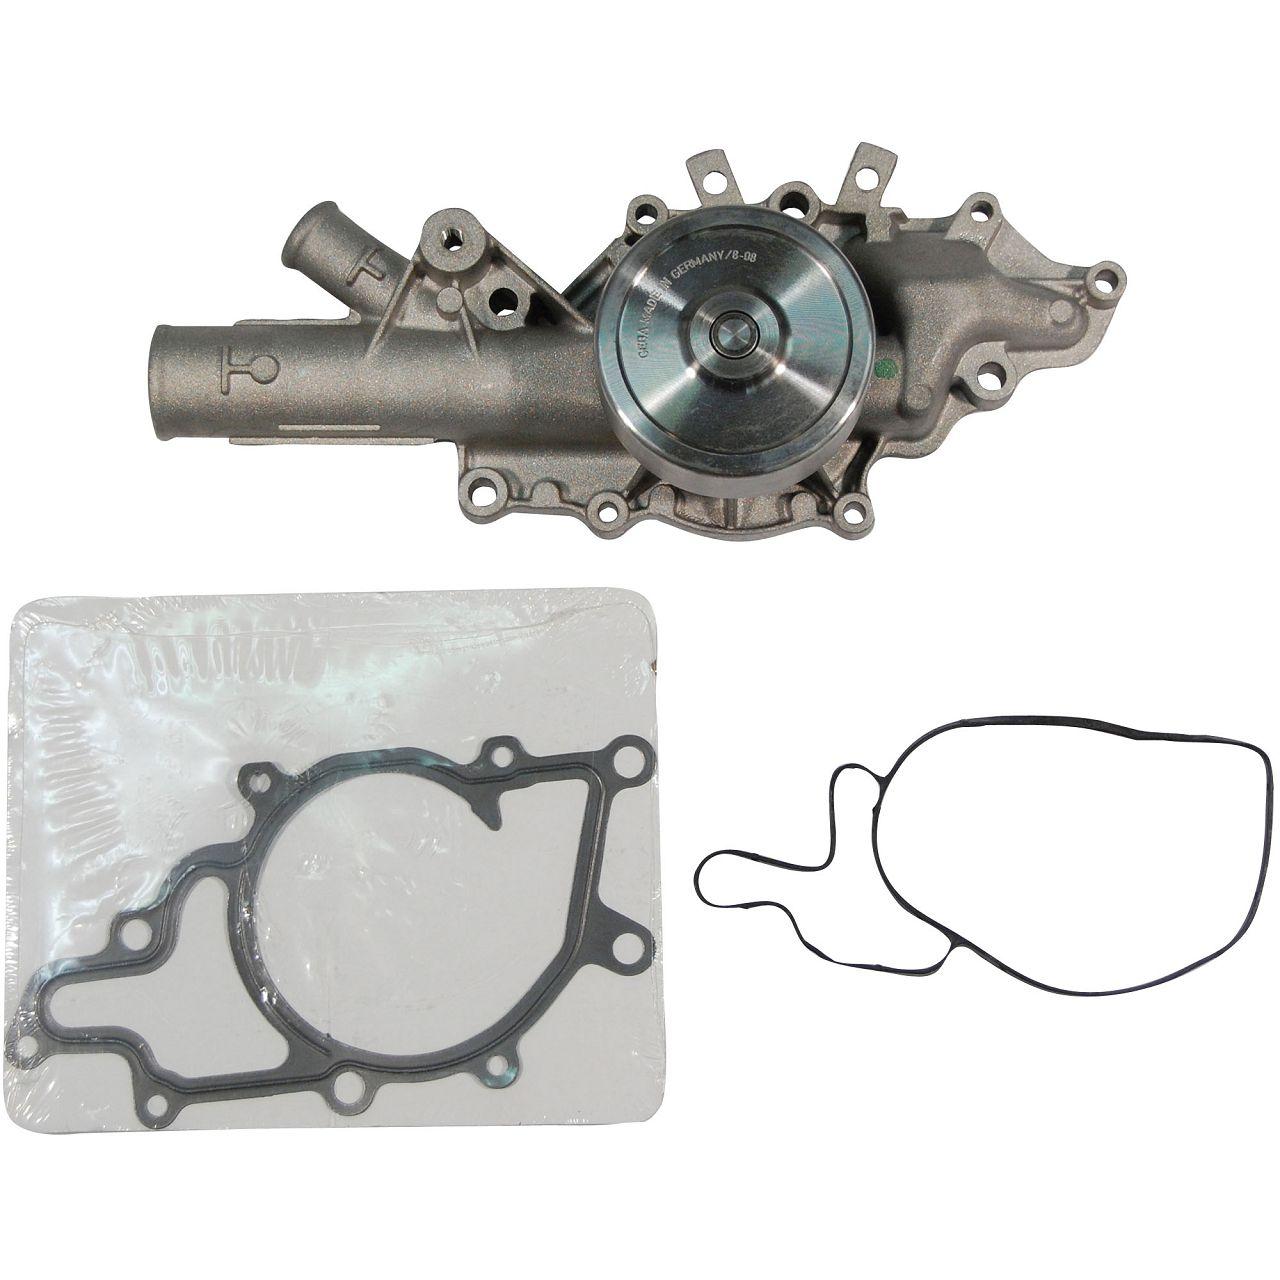 SIL Wasserpumpe Kühlwasserpumpe für MERCEDES W202 W203 C209 W210 W163 200-270CDI